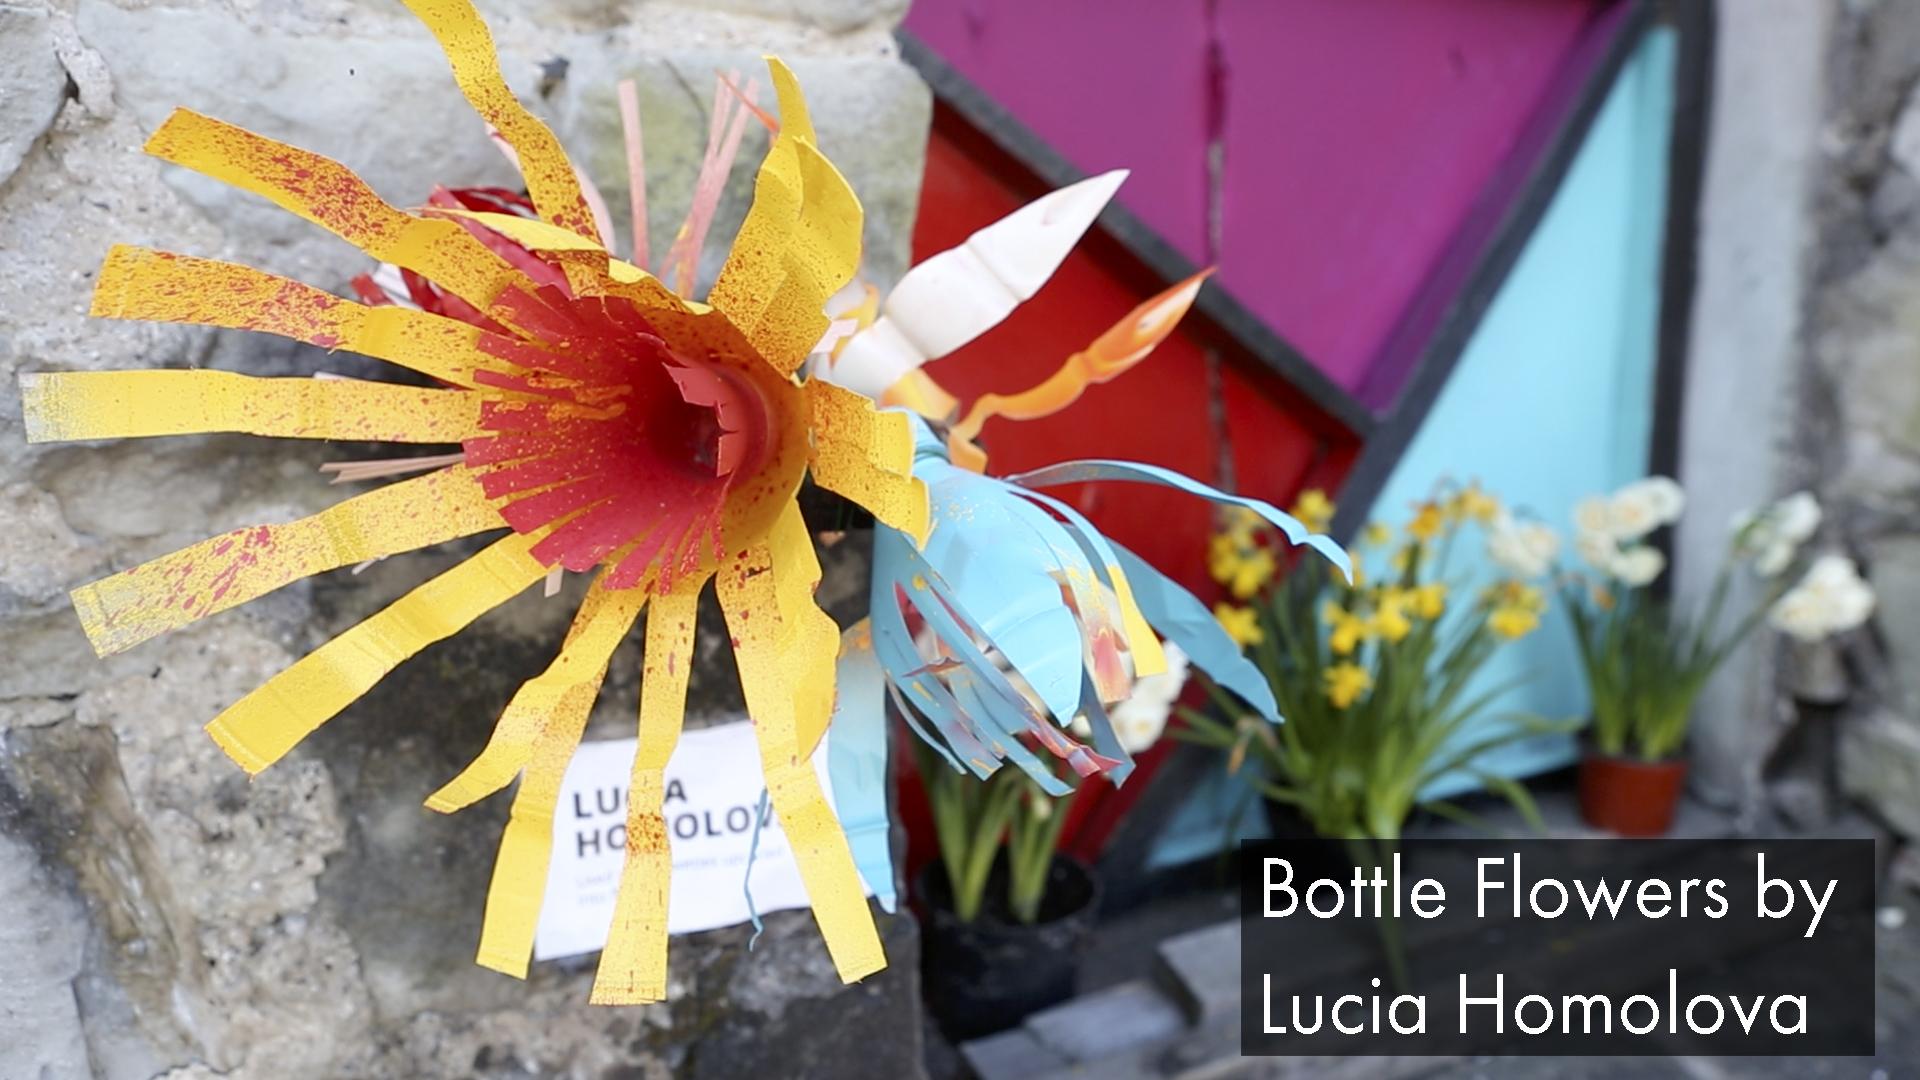 BottleFlowers_LuciaHomolova.jpg